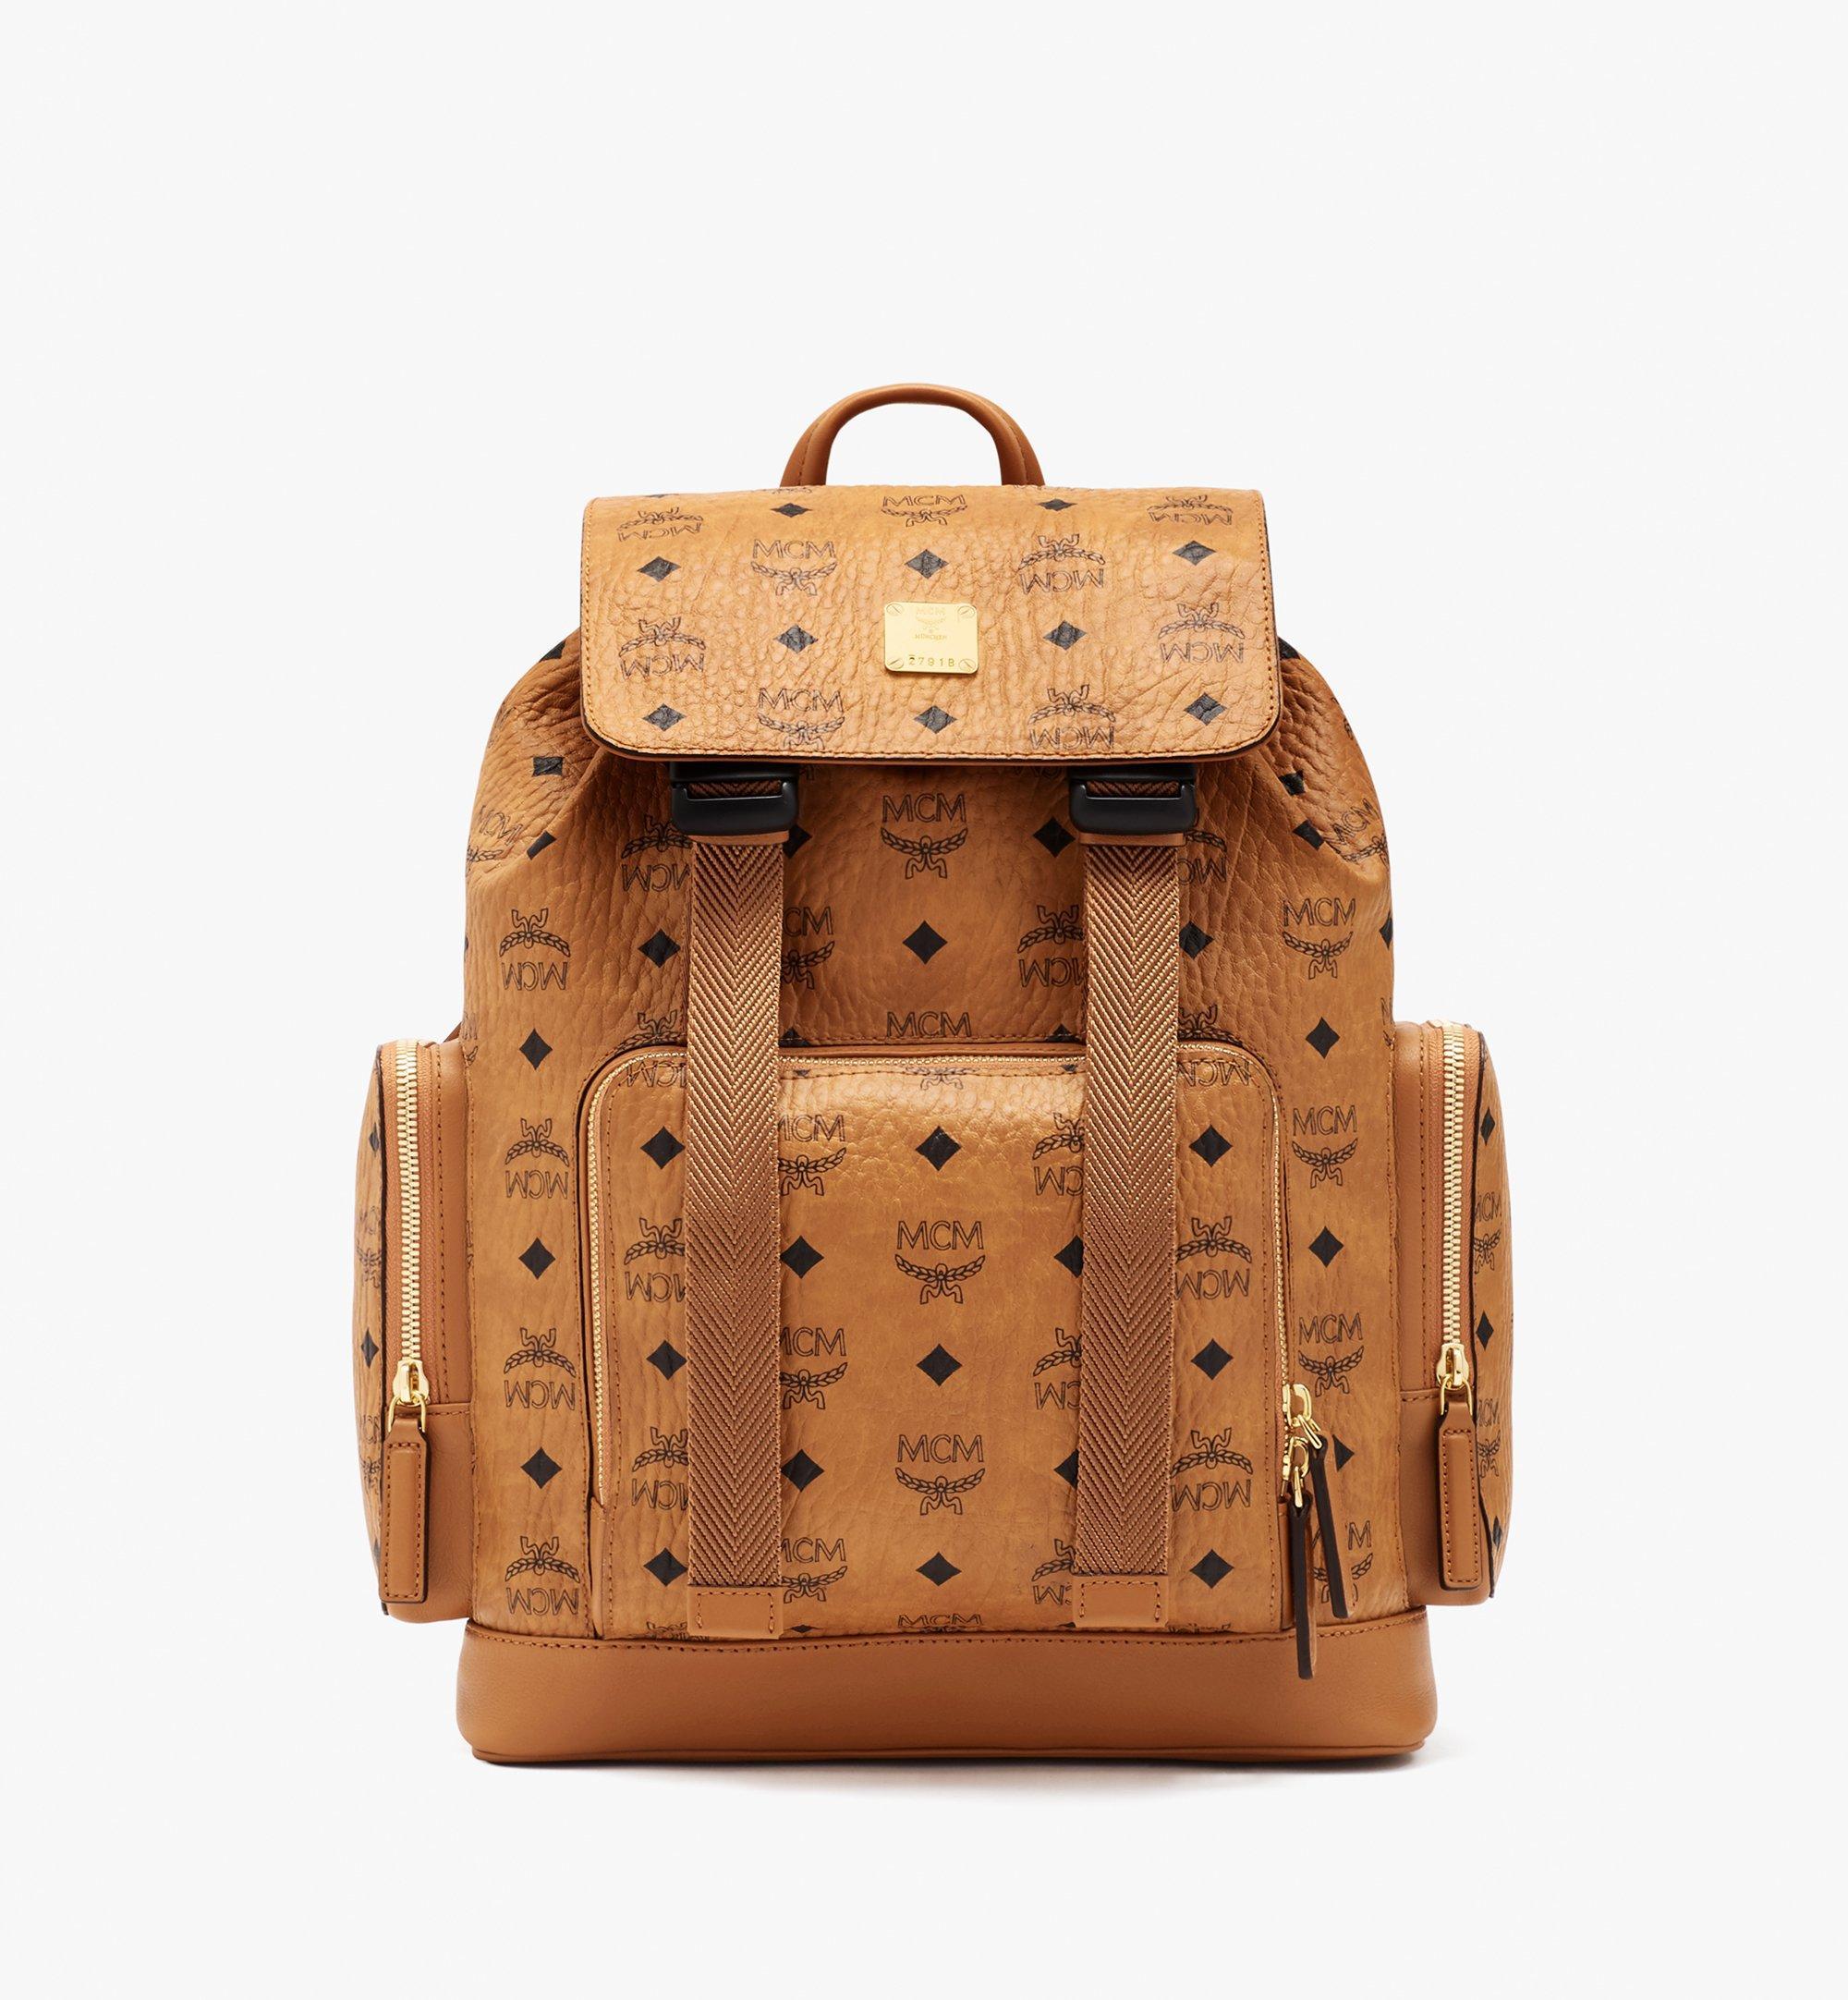 MCM Brandenburg Backpack in Visetos Cognac MMKASBG05CO001 Alternate View 1